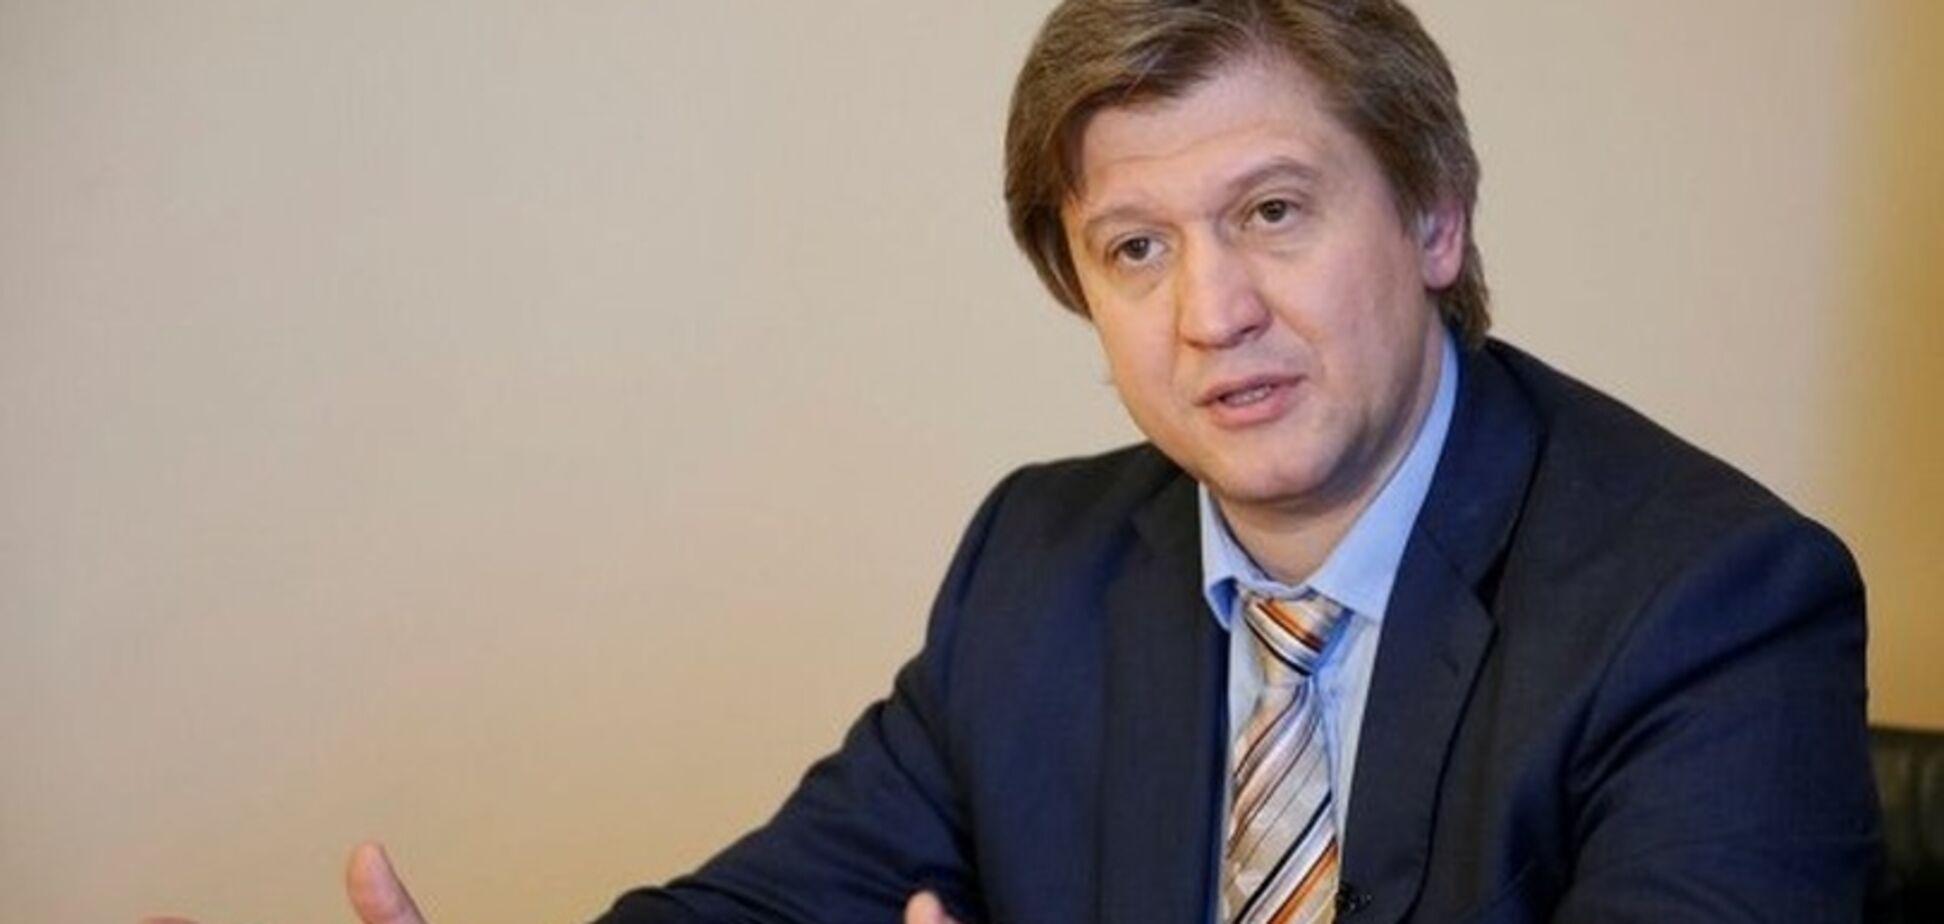 'Не читав, але засуджую' — міністр фінансів про Національне бюро фінансової безпеки